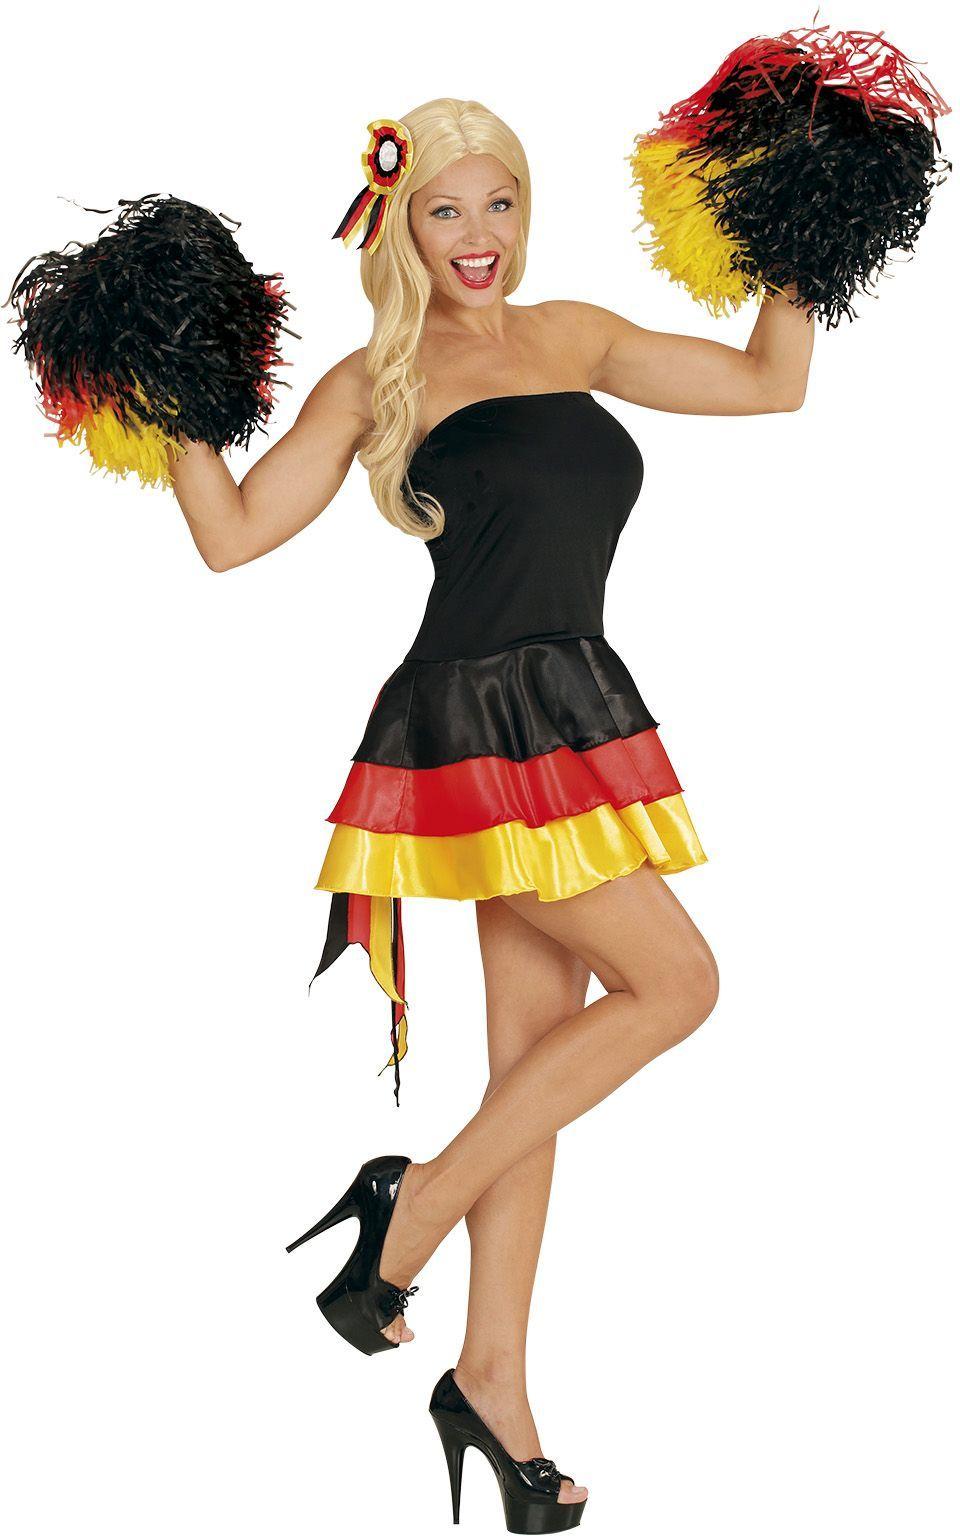 Duits jurk met haarstukje